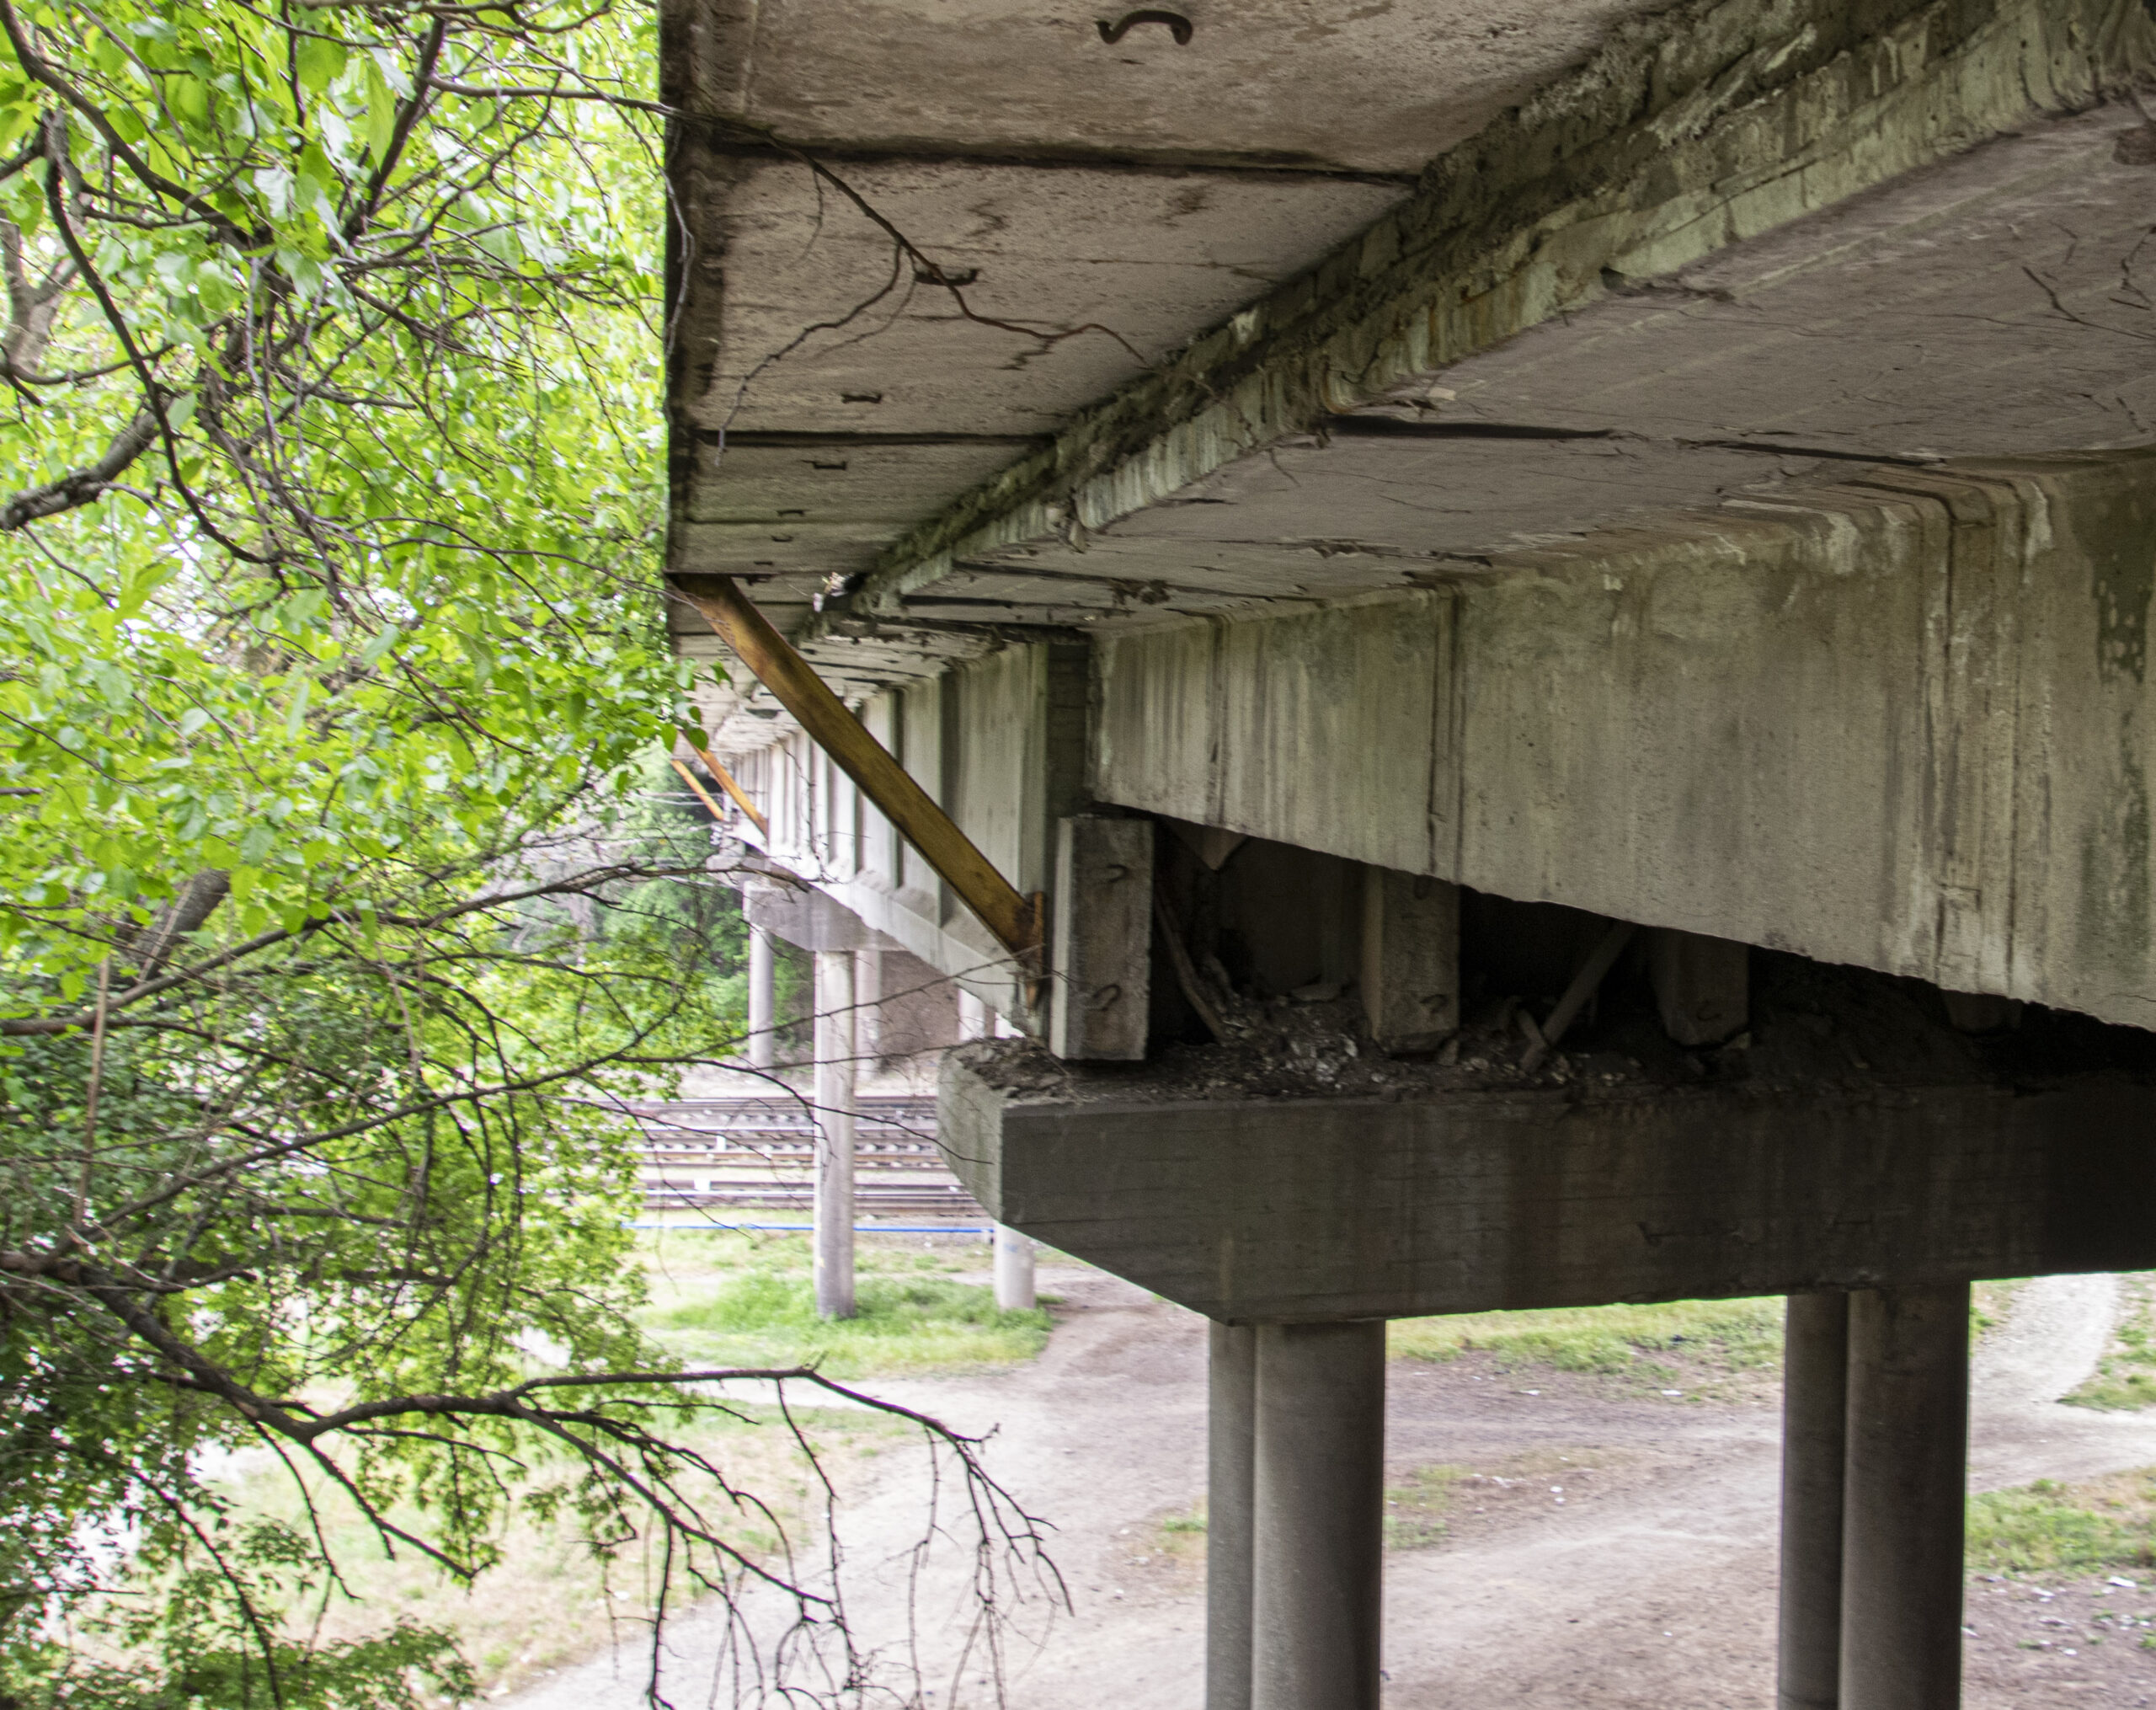 Чому закривають «горбатий» міст: коментар експерта | Прихист